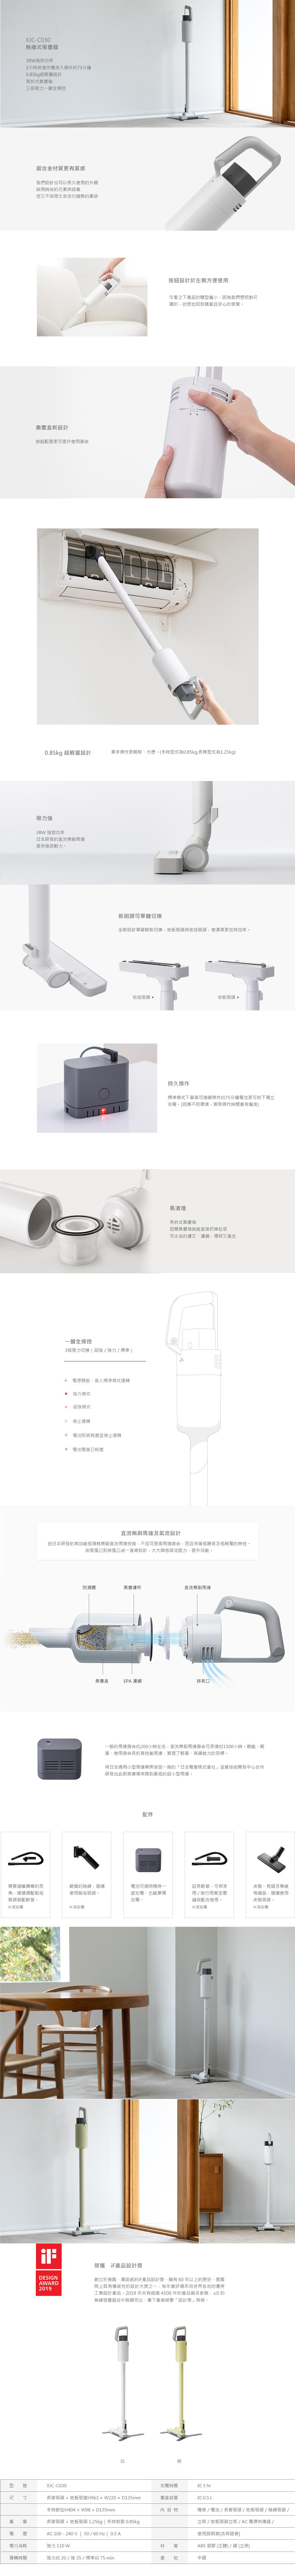 無線吸塵器(送美型桌扇)